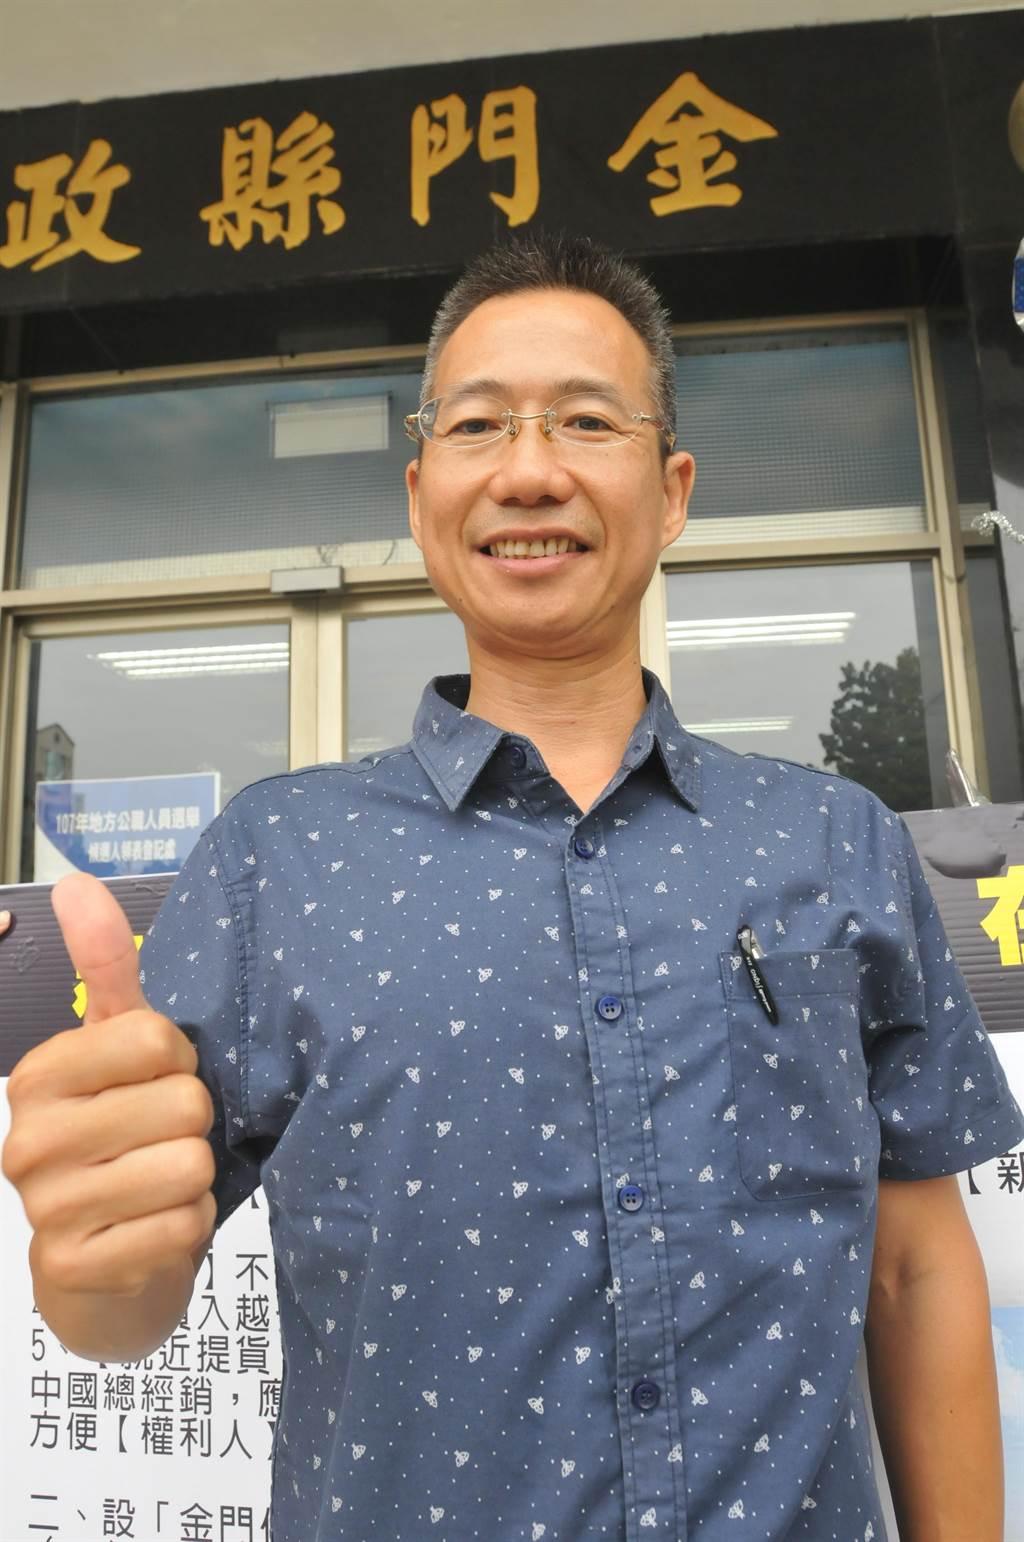 曾參選2013年金門縣長、2016年立委、2018年縣長和補選立委的洪志恒,已在七月間宣布再戰立委。(李金生攝)